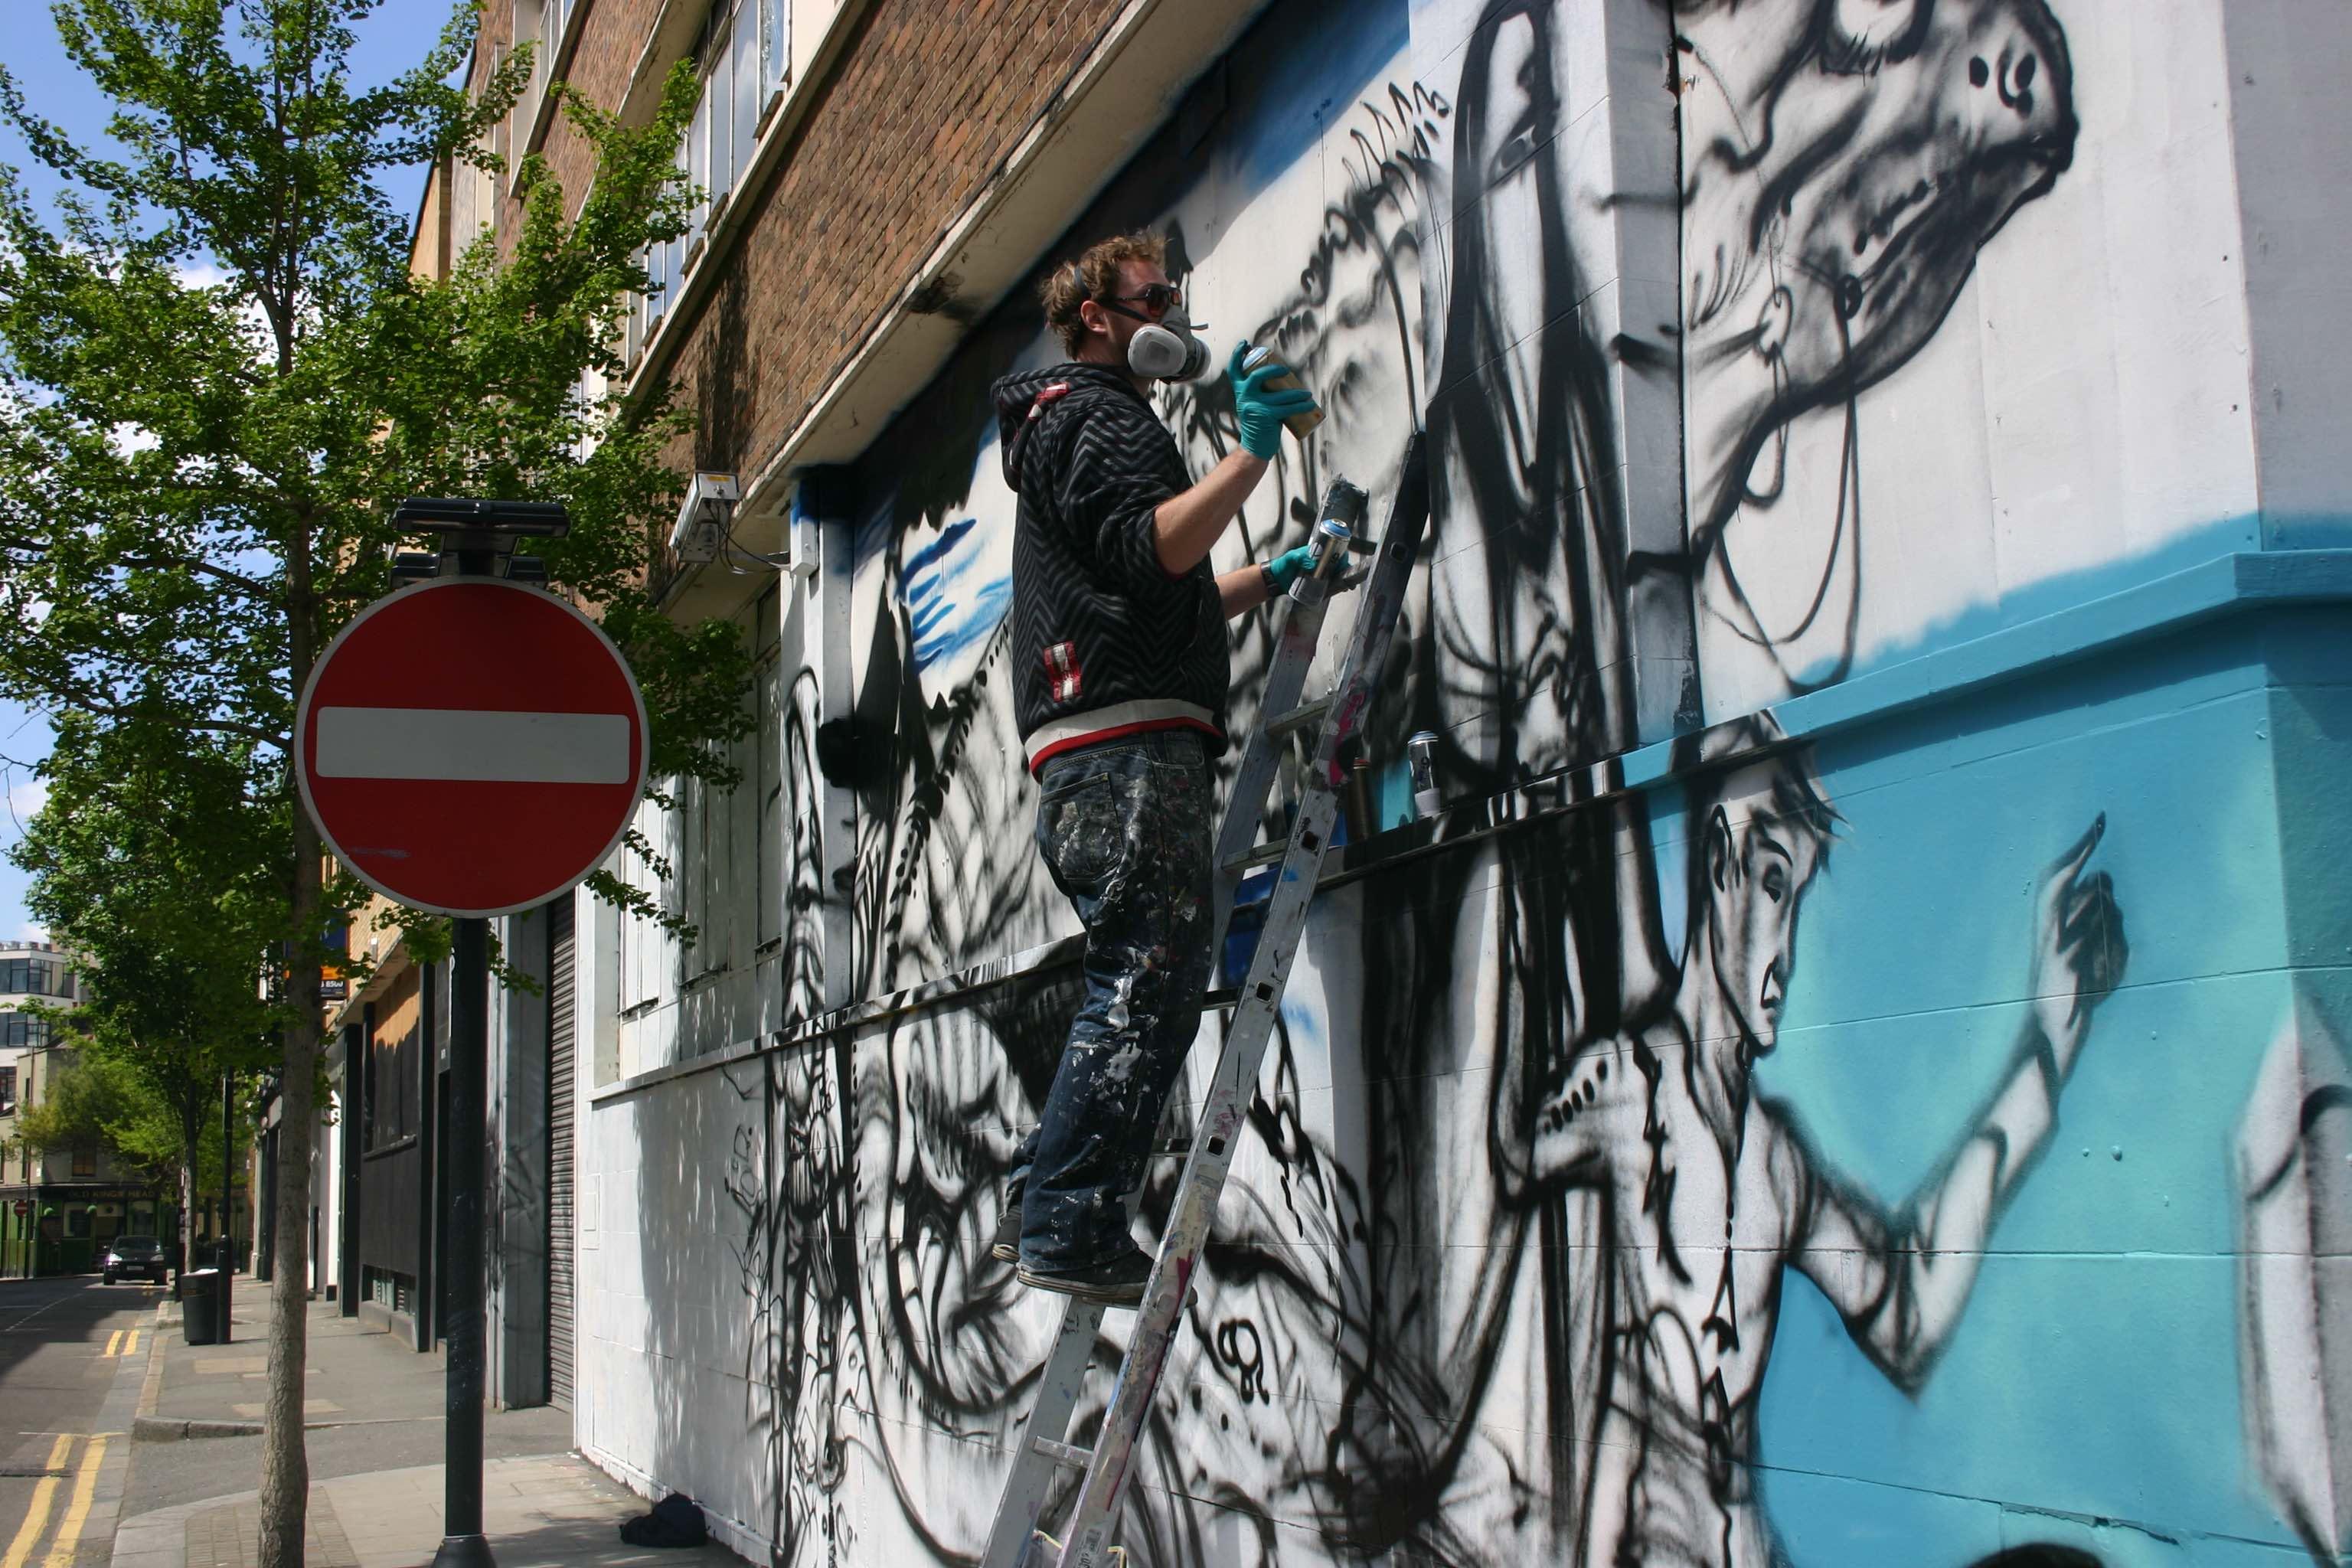 Sprayer Probs in London-Hackney spüht Kunst auf Häuserwände.